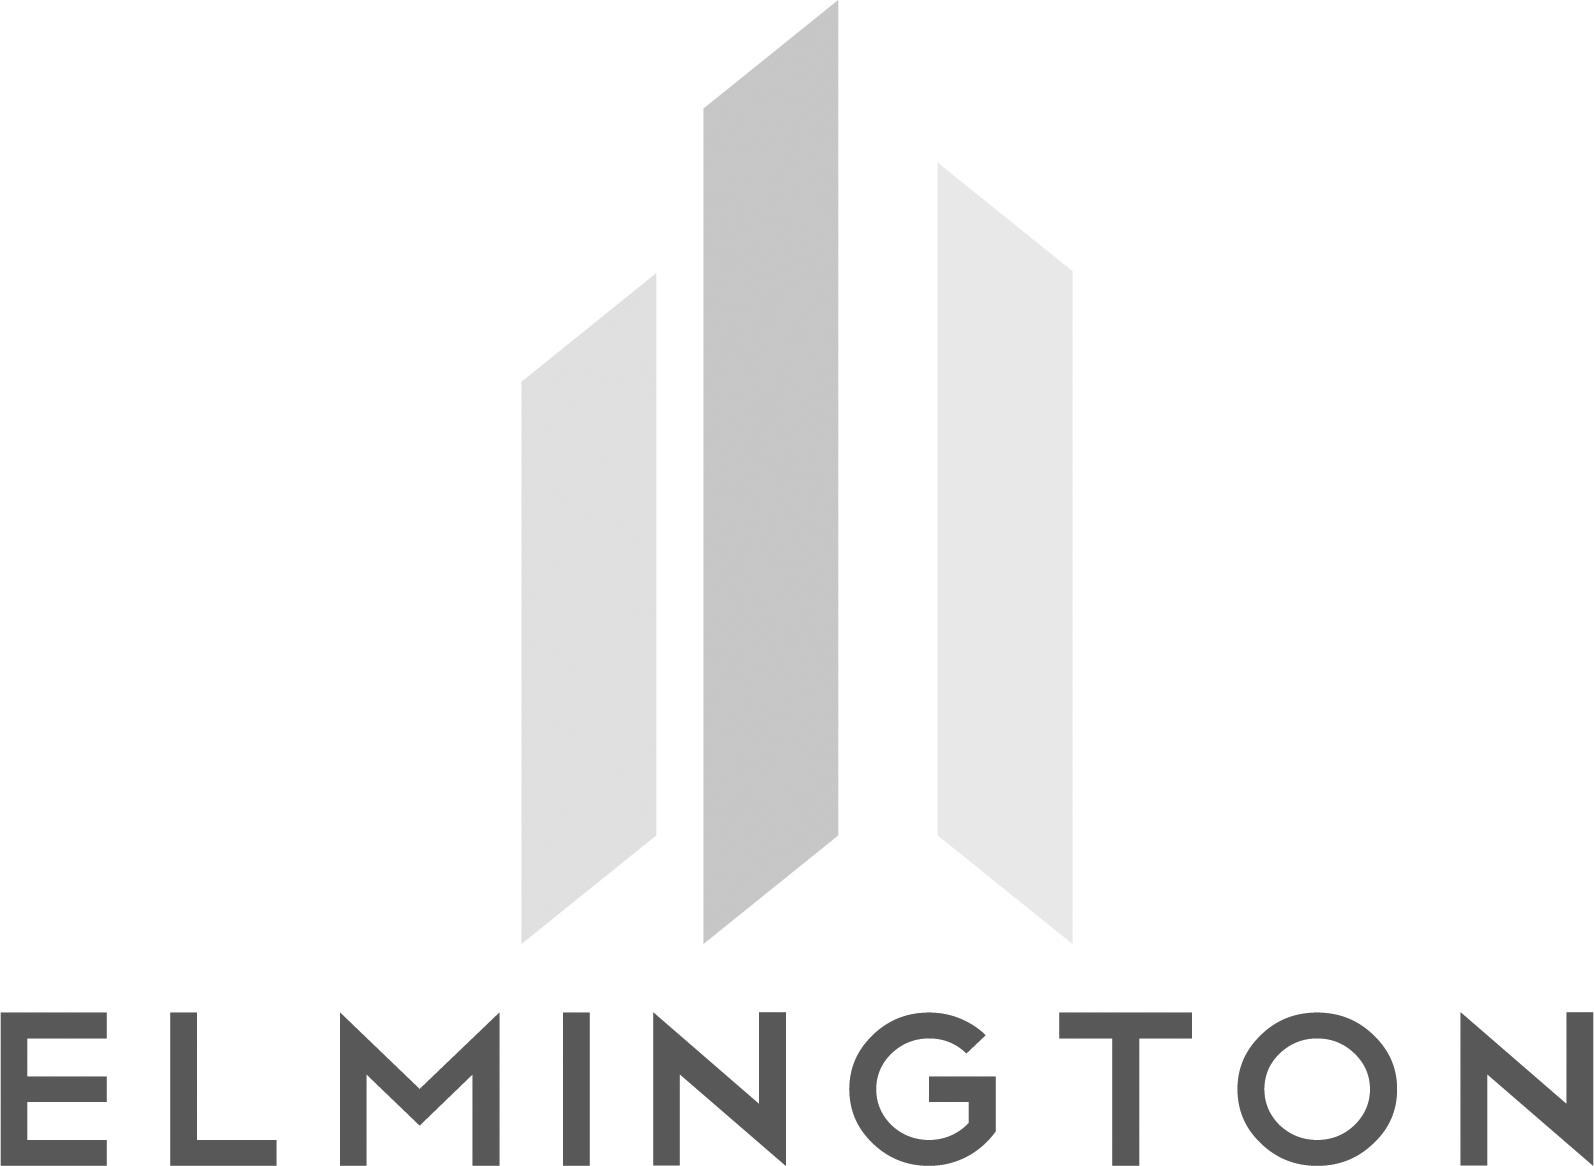 Elmington  logo